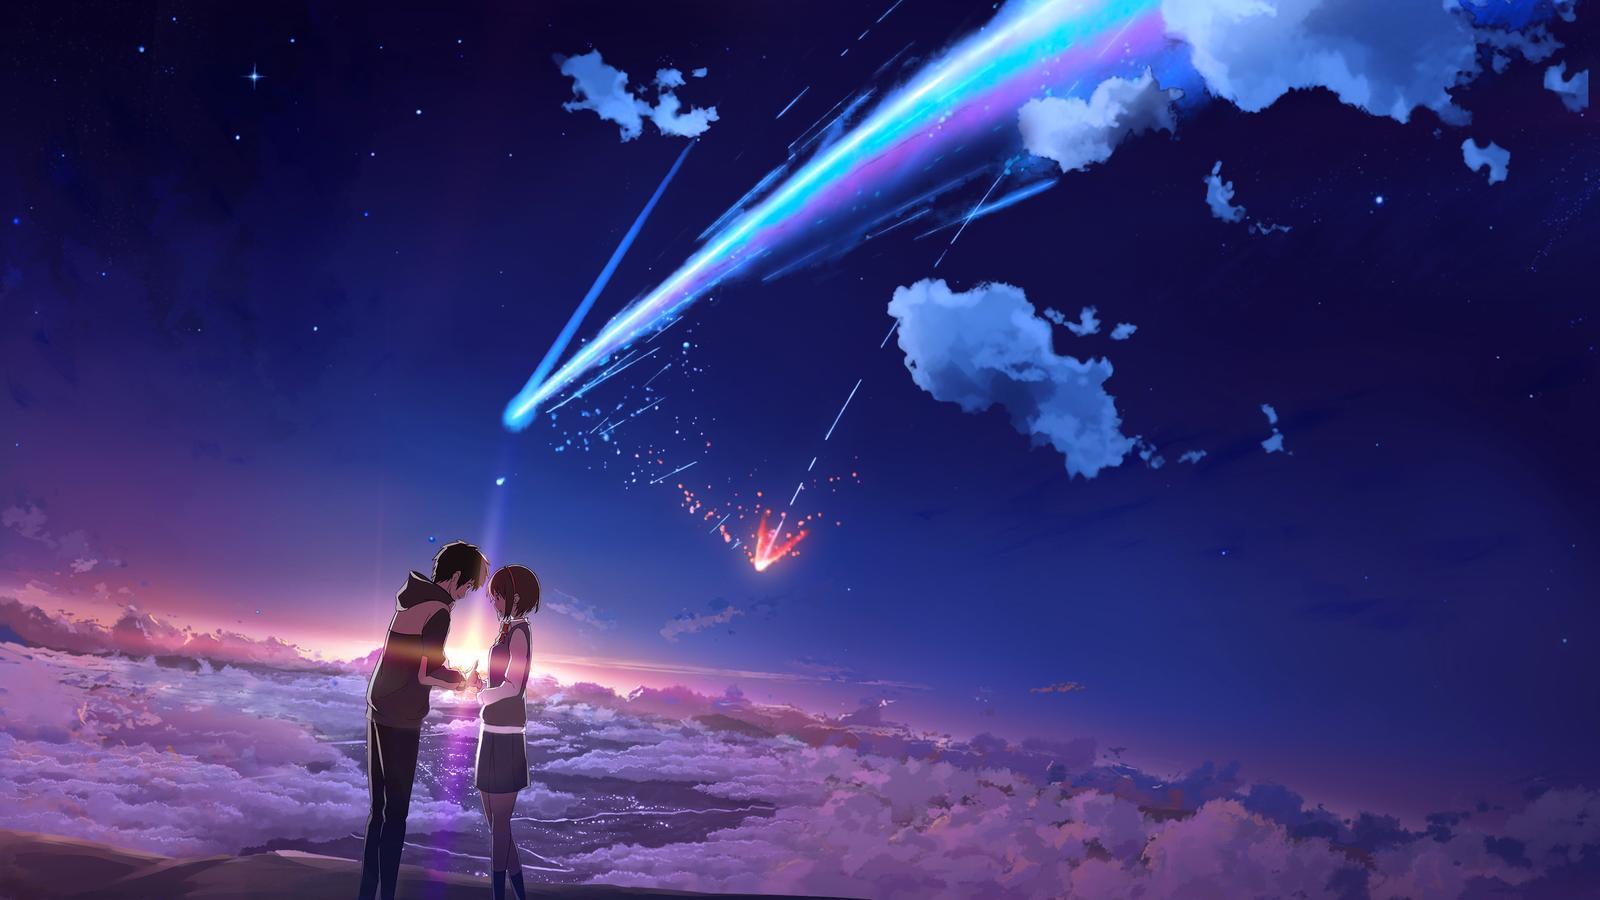 Фильм по аниме «Твое имя» снимет режиссер «Минари» Ли Айзек Чун